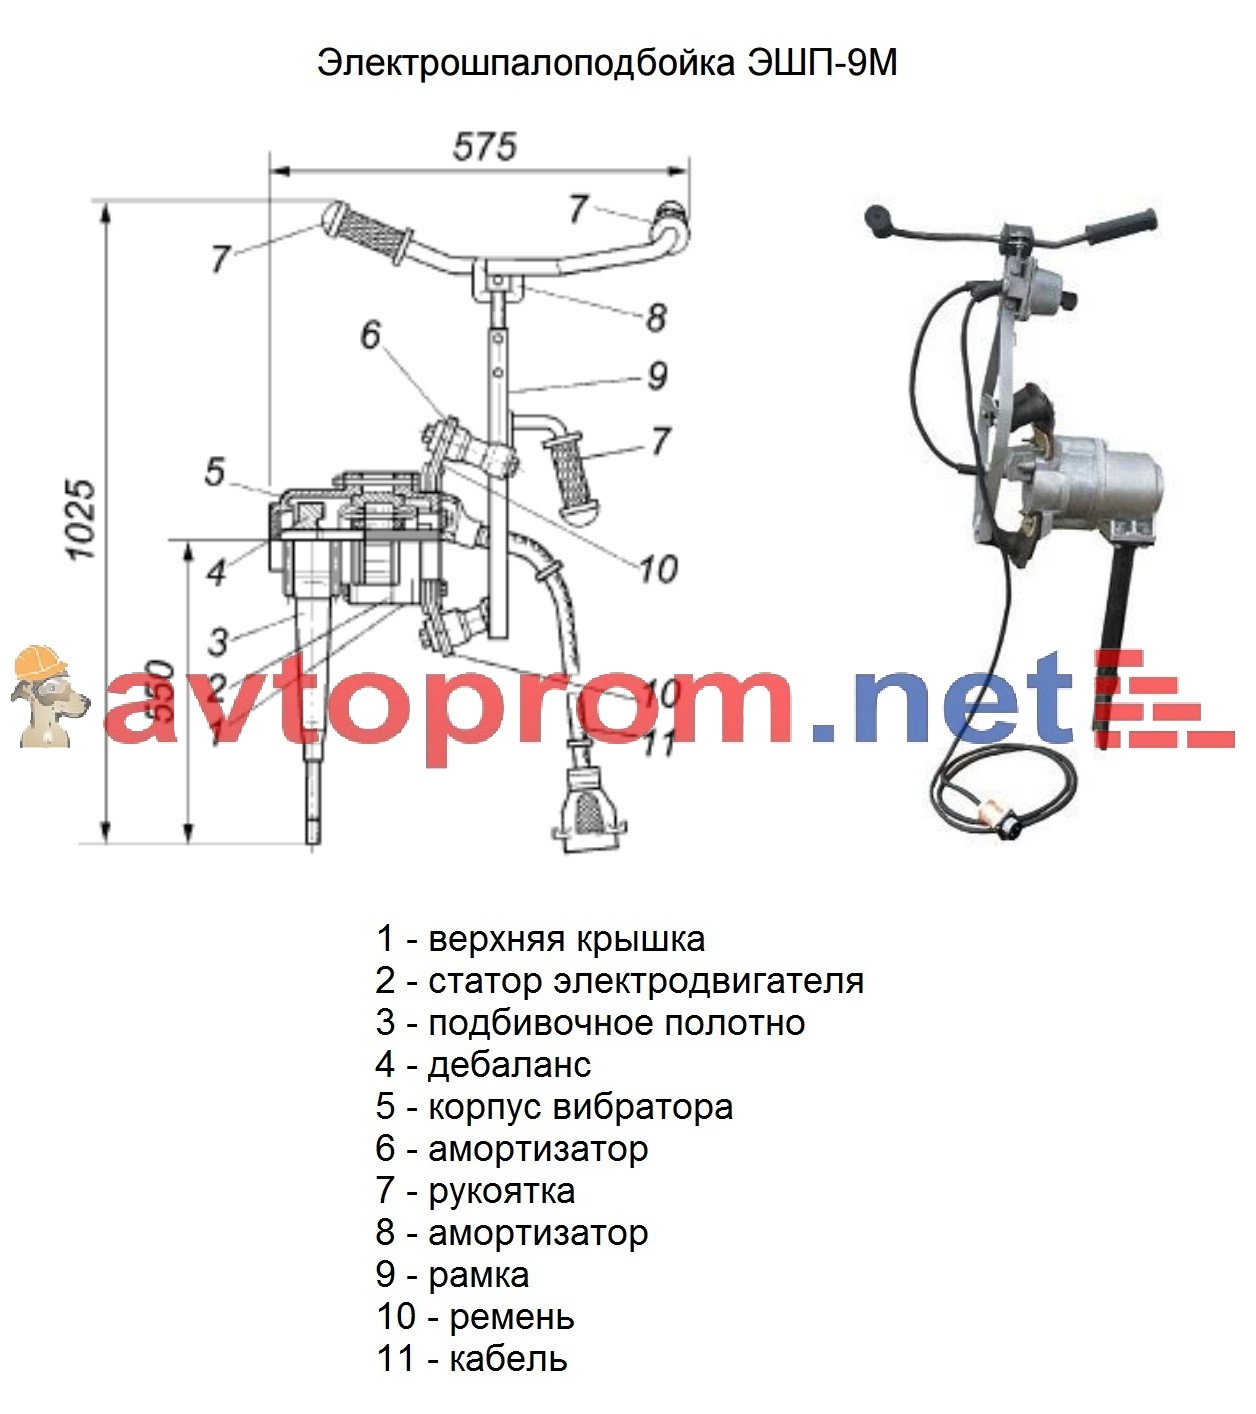 Электрошпалоподбойка ЭШП-9